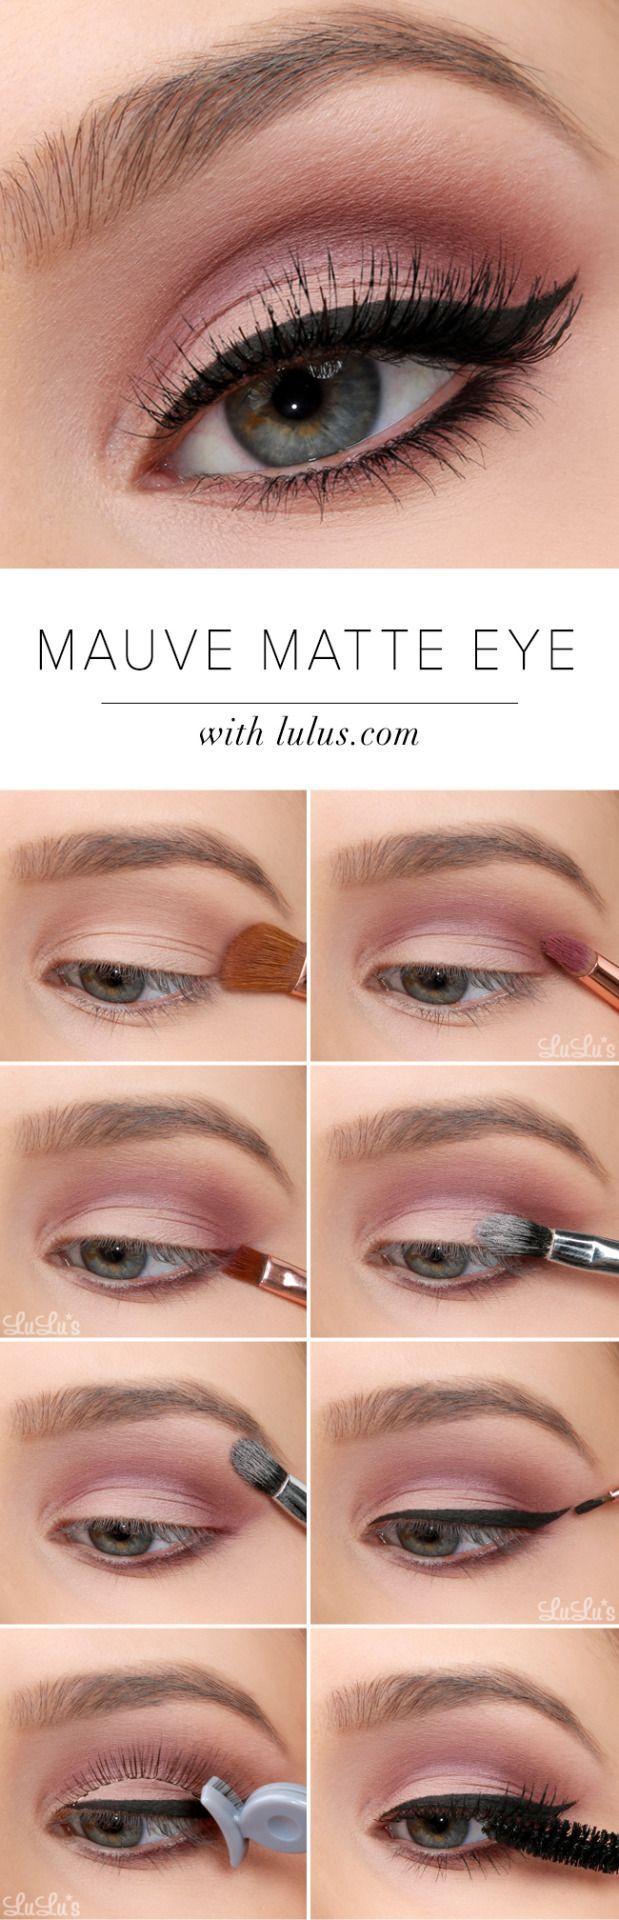 Ojos hermosos,  OJO no solo para ojos claros funciona,  es para todos los colores de ojos.